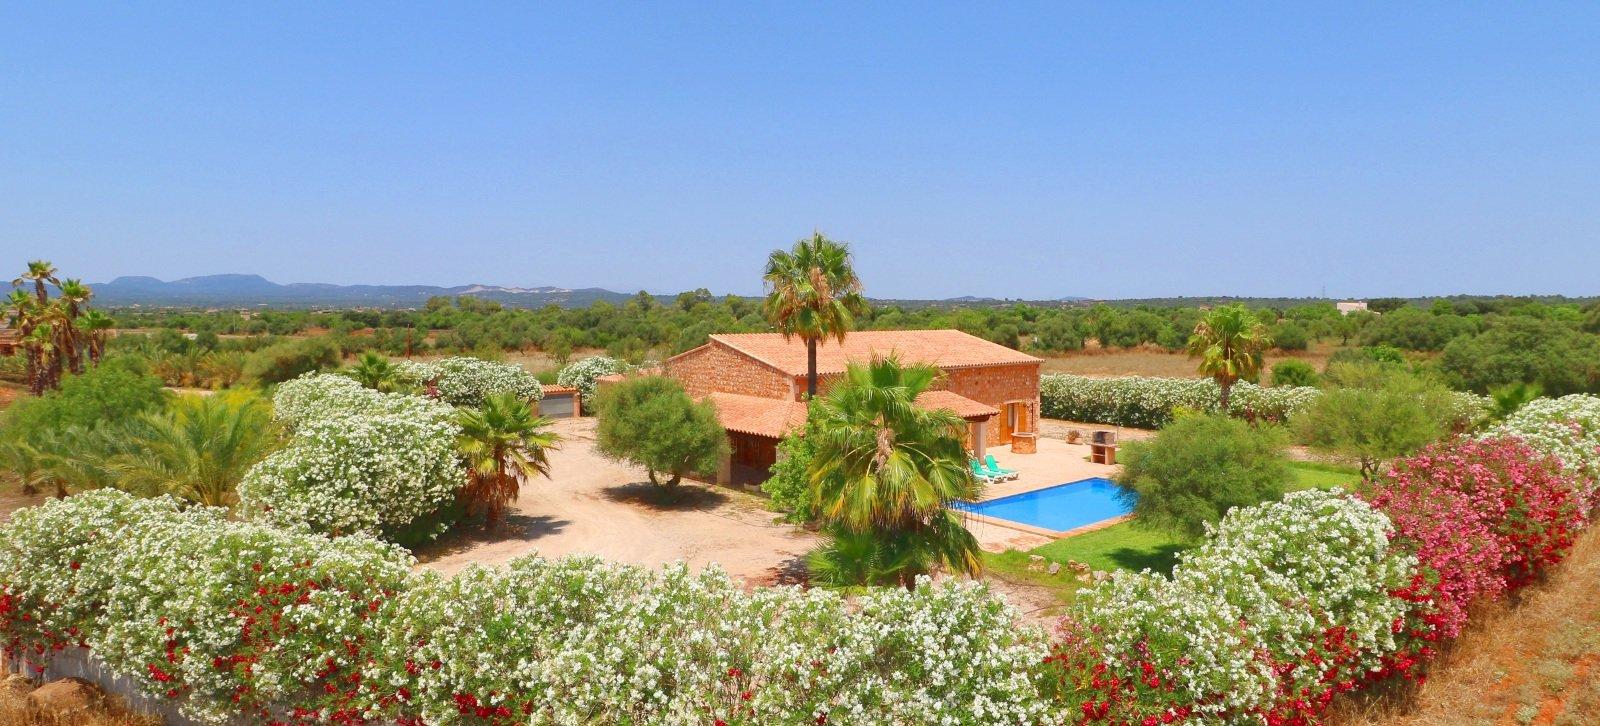 Finca Sa Vinya | Pool und Garten